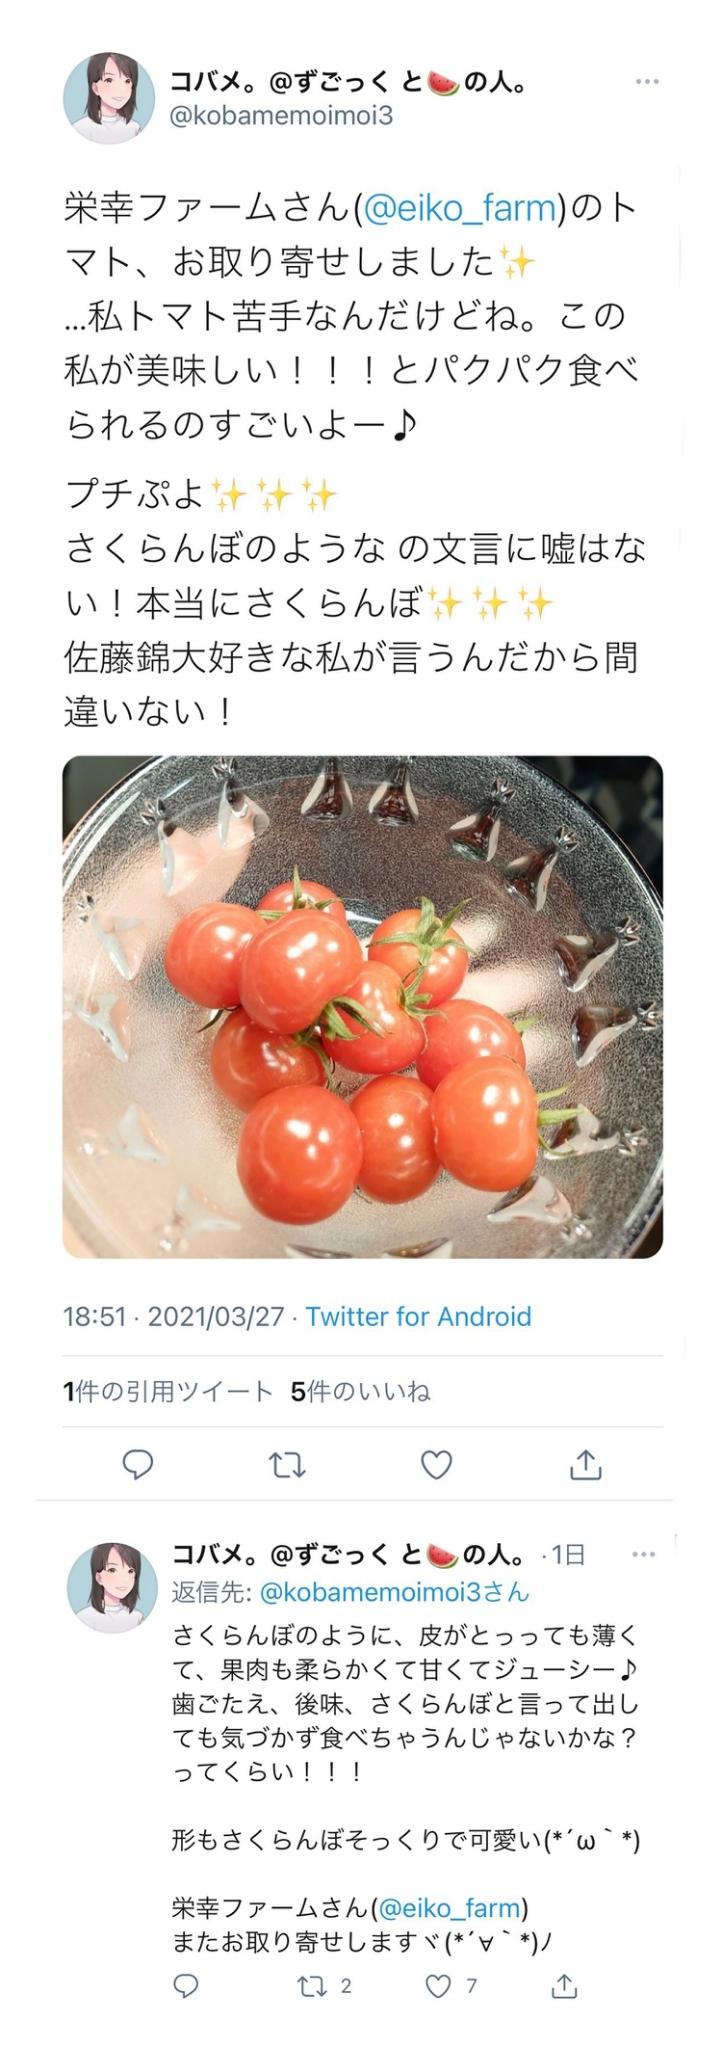 プチぷよトマトのお取り寄せ・通販 - 栄幸ファーム